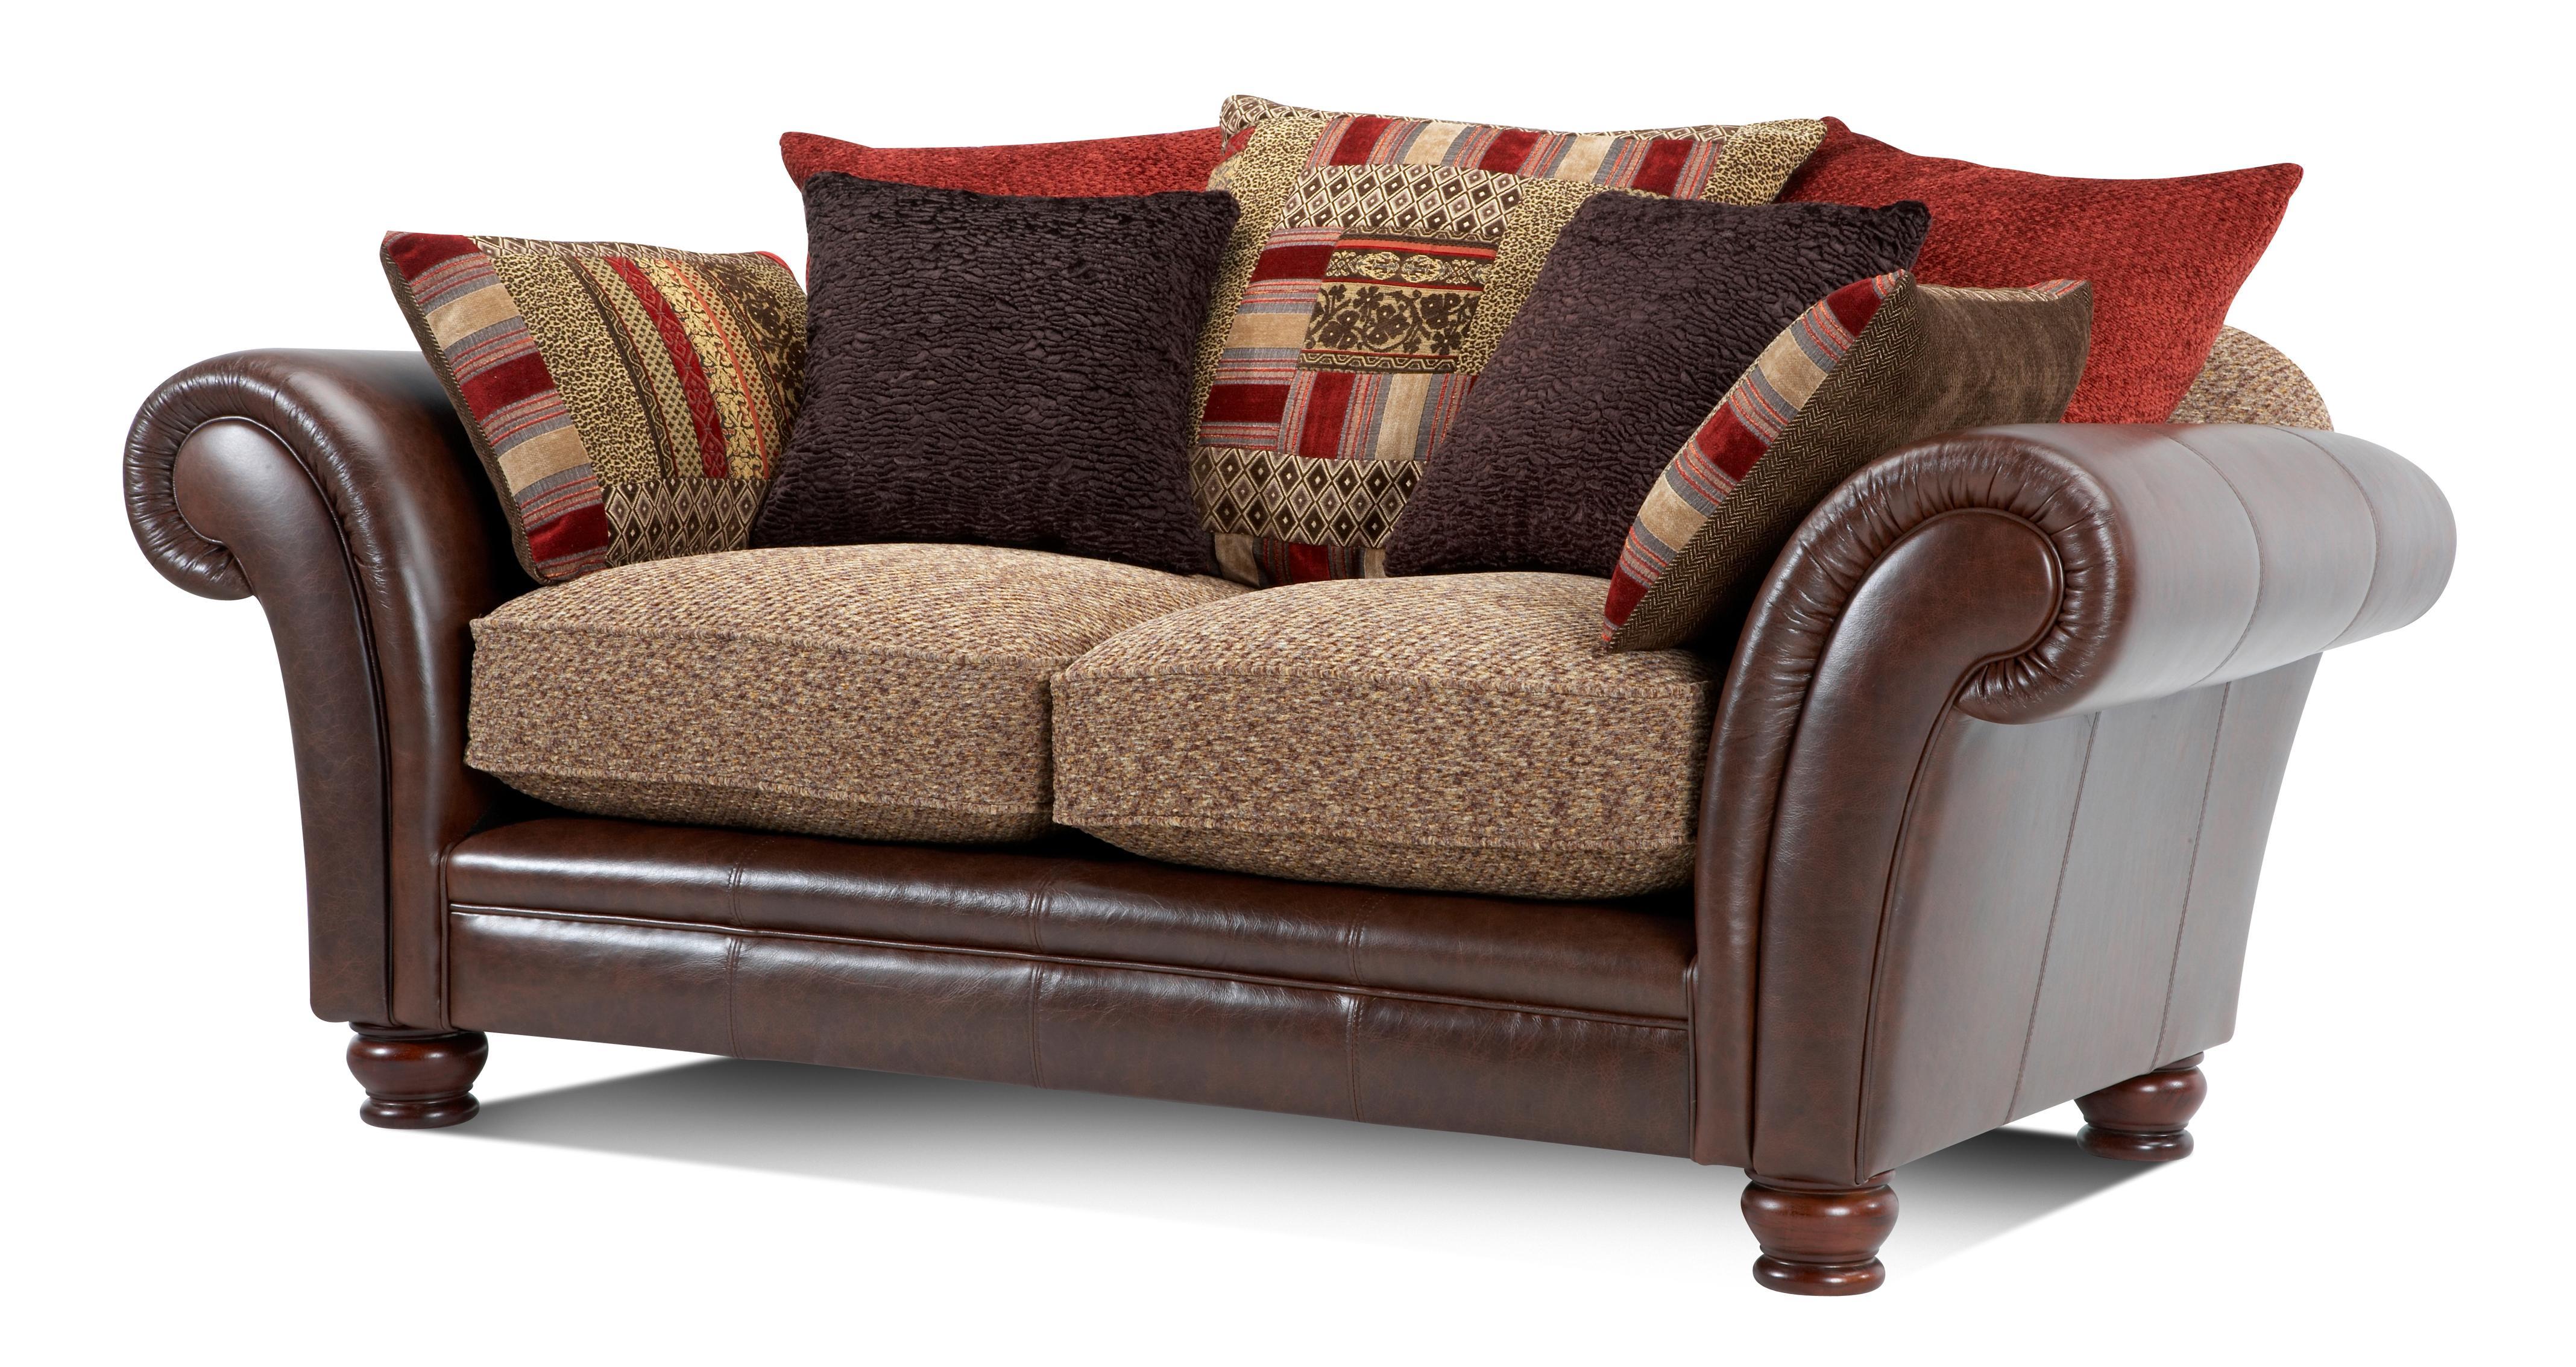 dfs perez sofa review On perez furniture